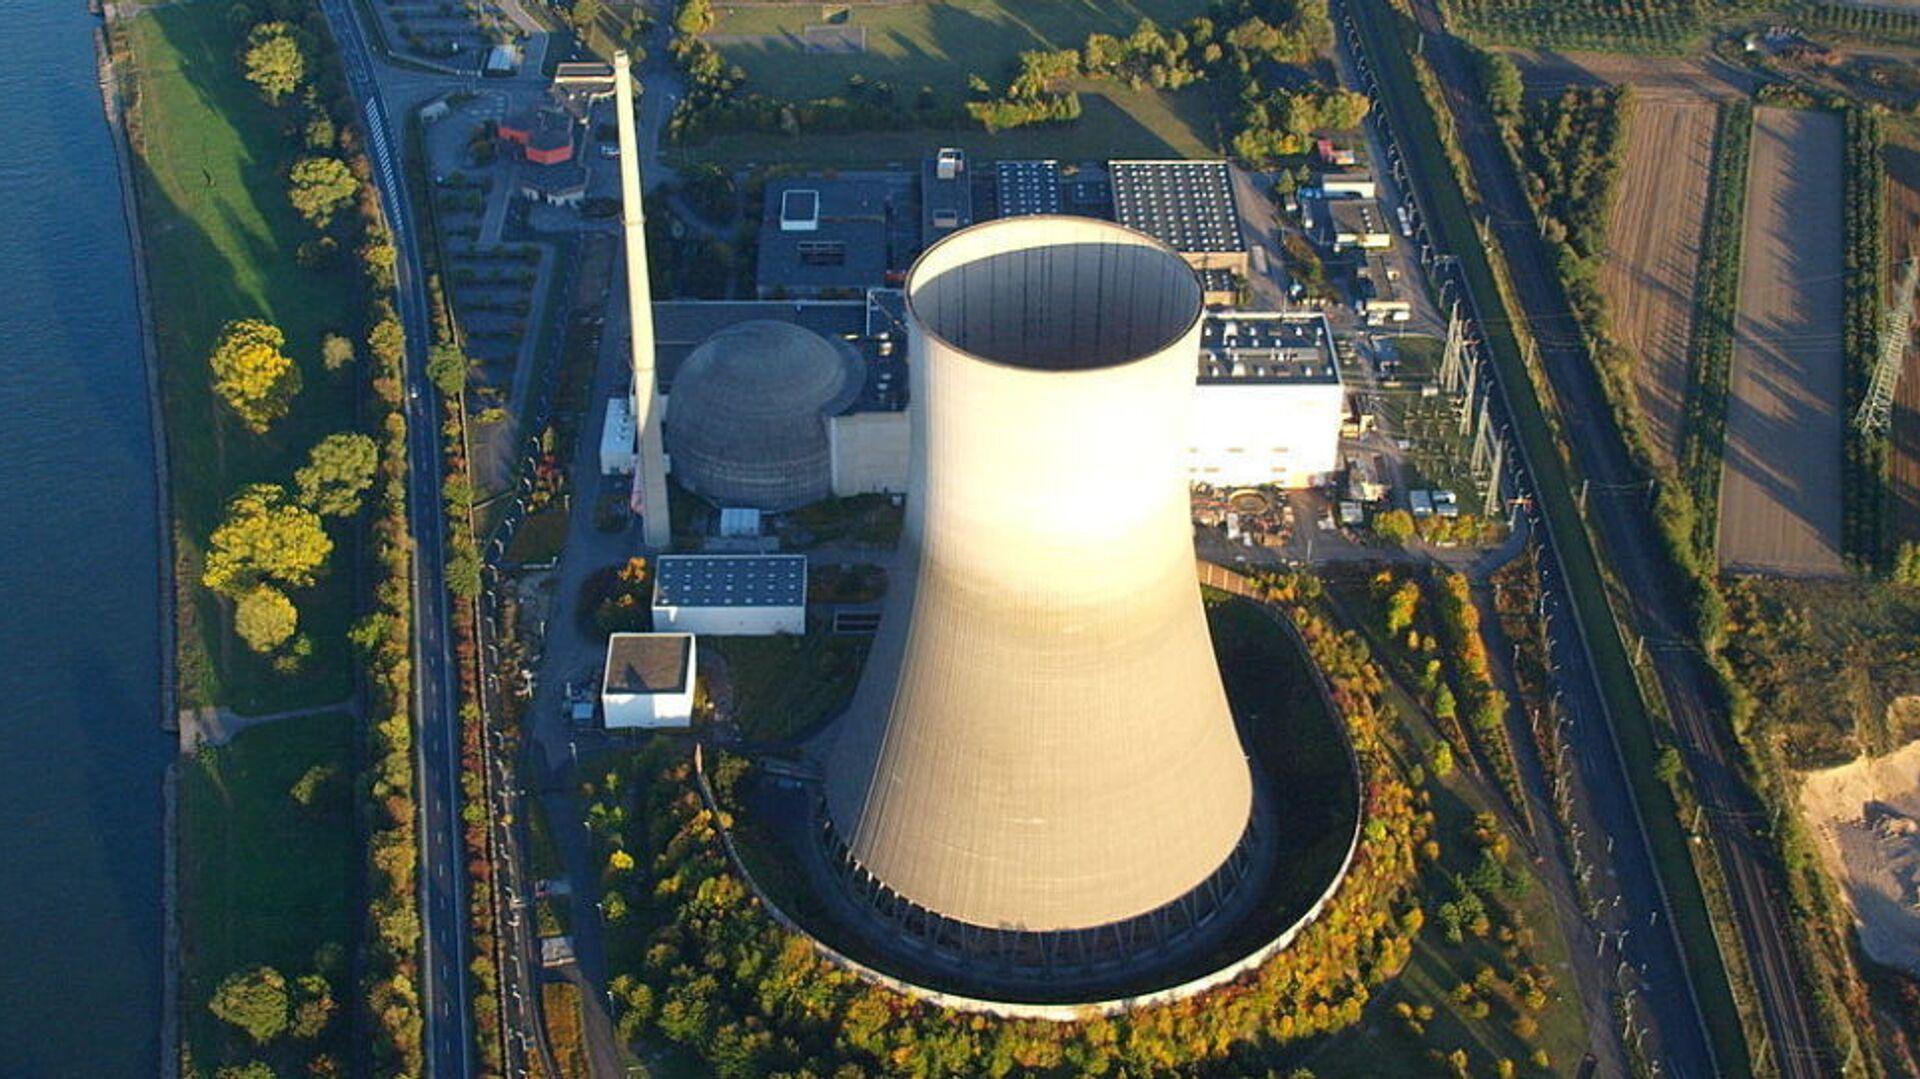 Elektrownia jądrowa Mülheim-Kärlich - Sputnik Polska, 1920, 11.10.2021